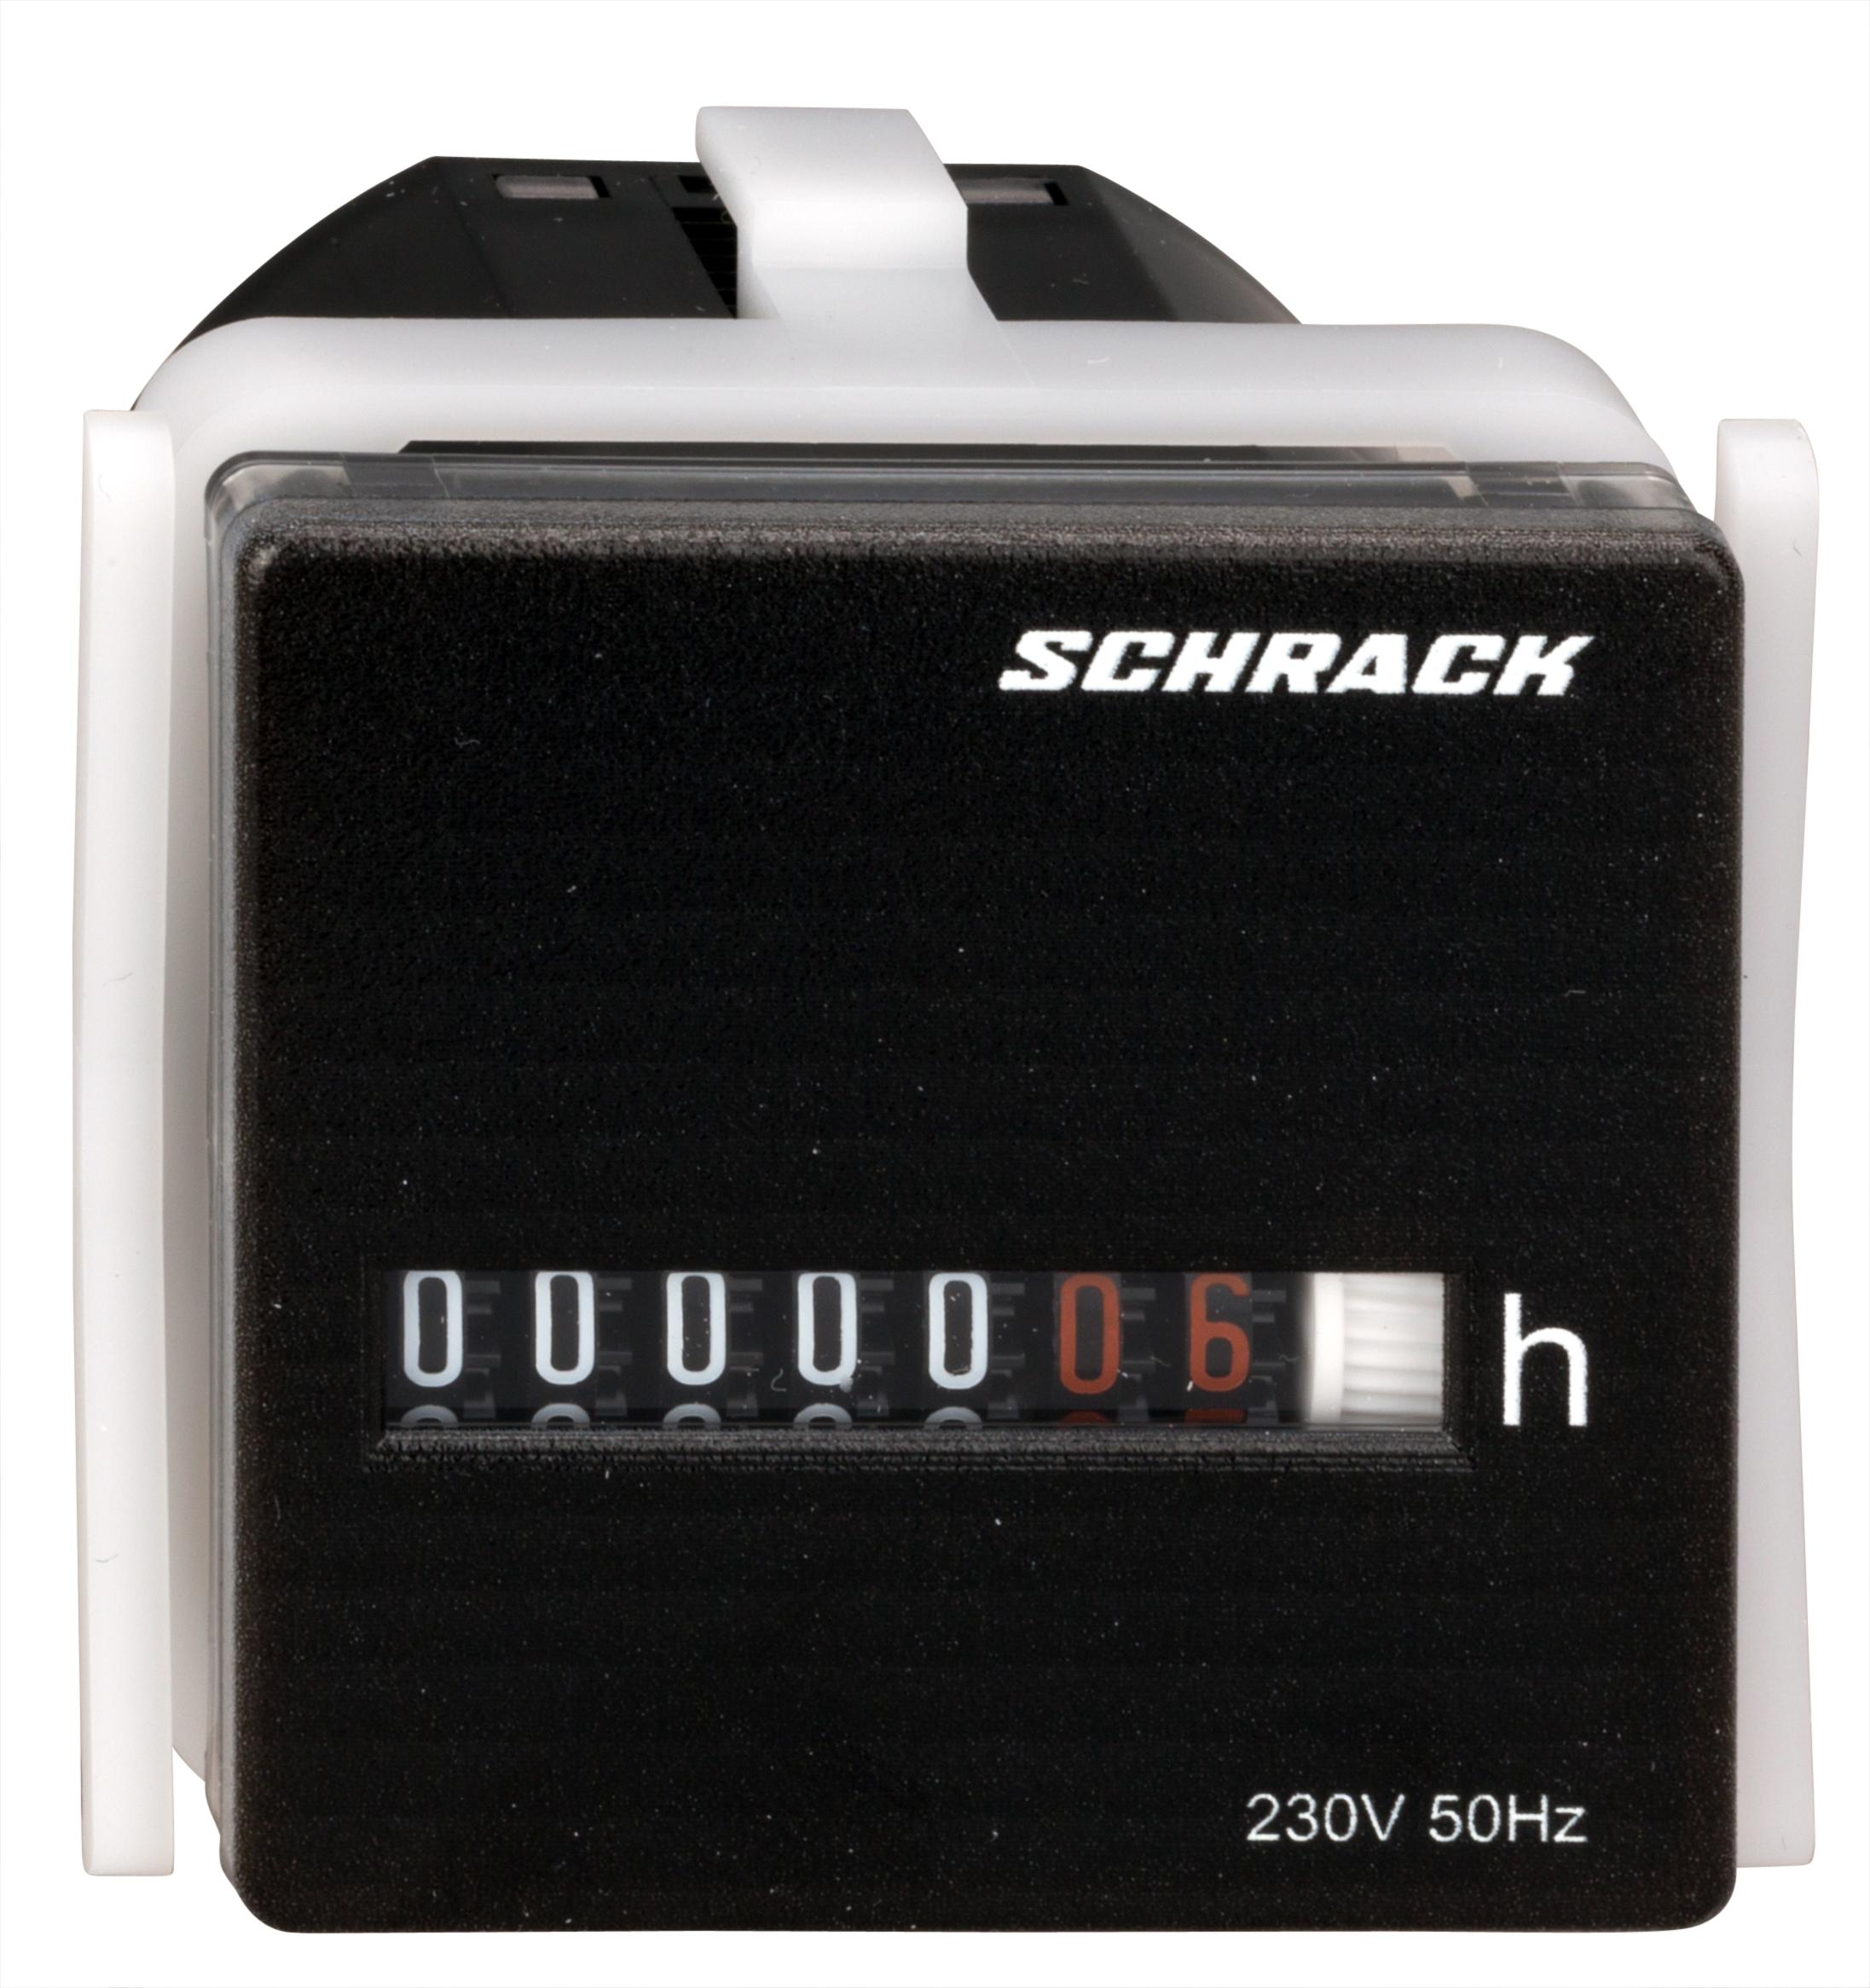 1 Stk Betriebsstundenzähler 48 x 48 IP 20, 230VAC 50Hz BZ326413-A